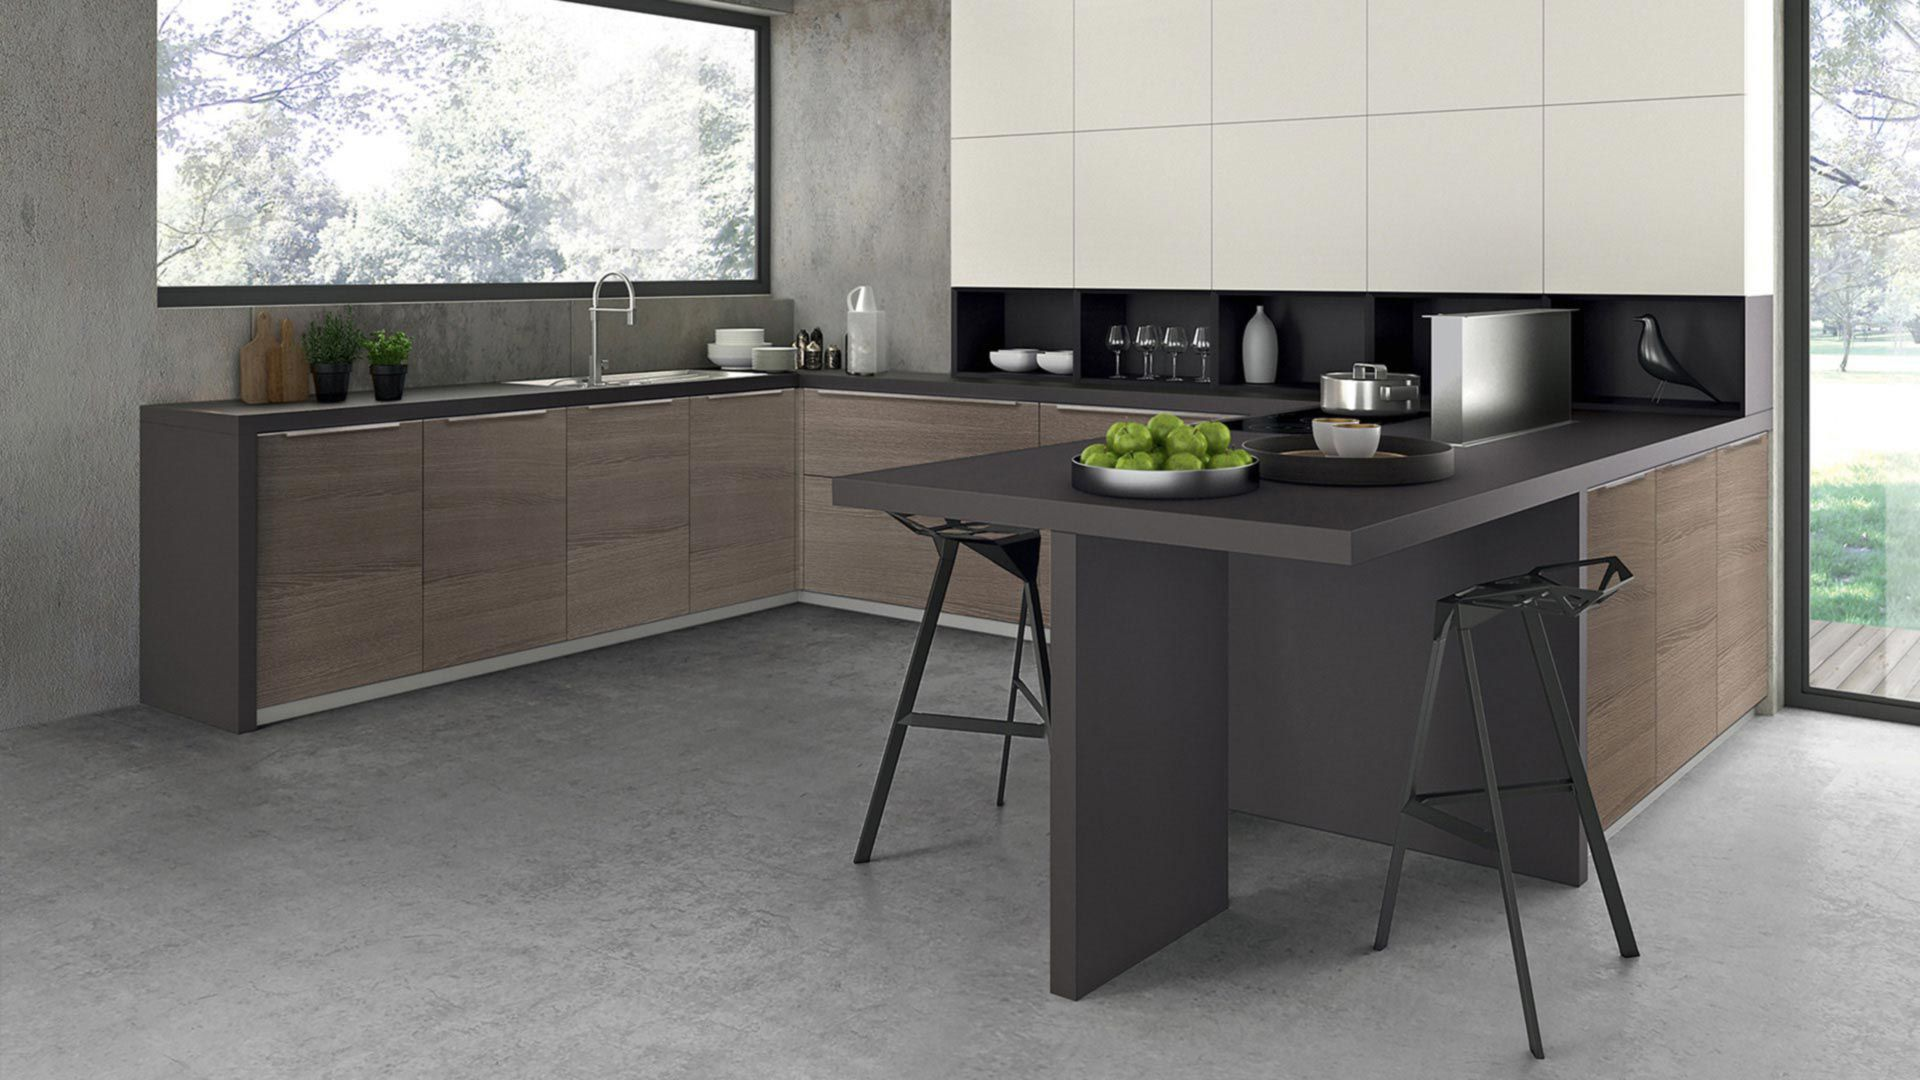 Cocina moderna / de chapa de madera / de melamina / de U-tubo - RHO ...